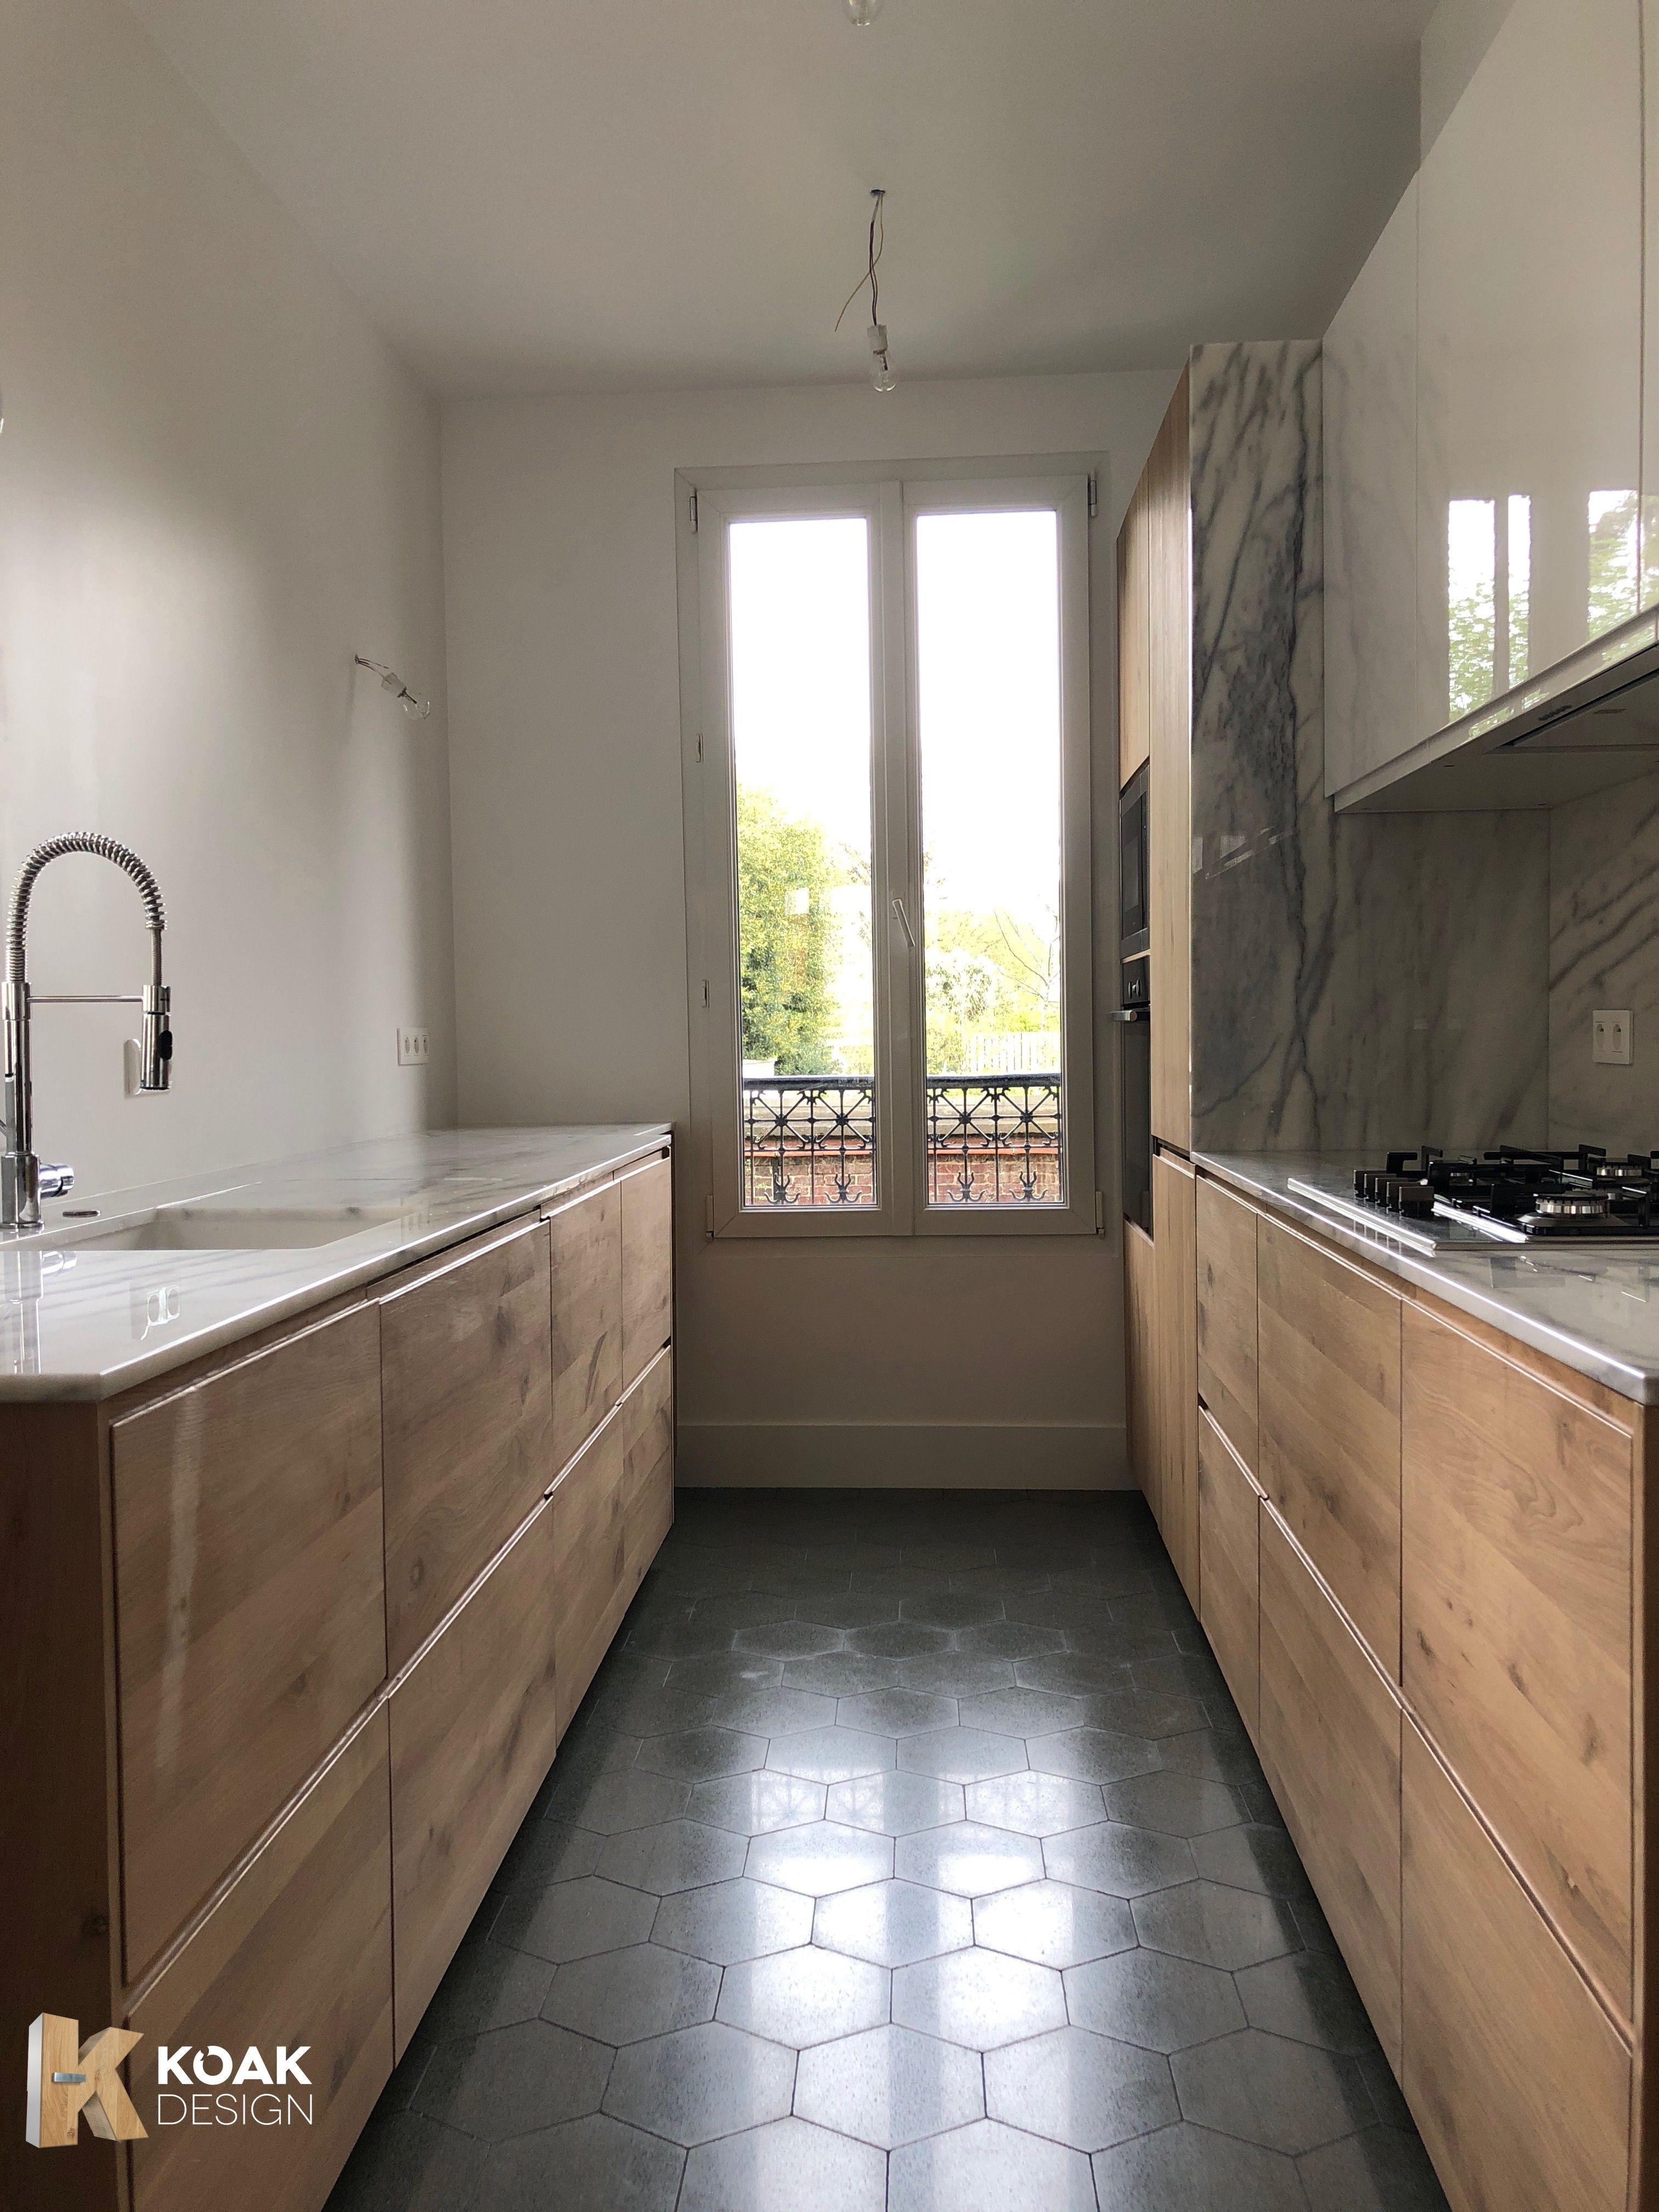 Pin Van Emman Op Home In 2019 Ikea Keuken Keuken Deuren